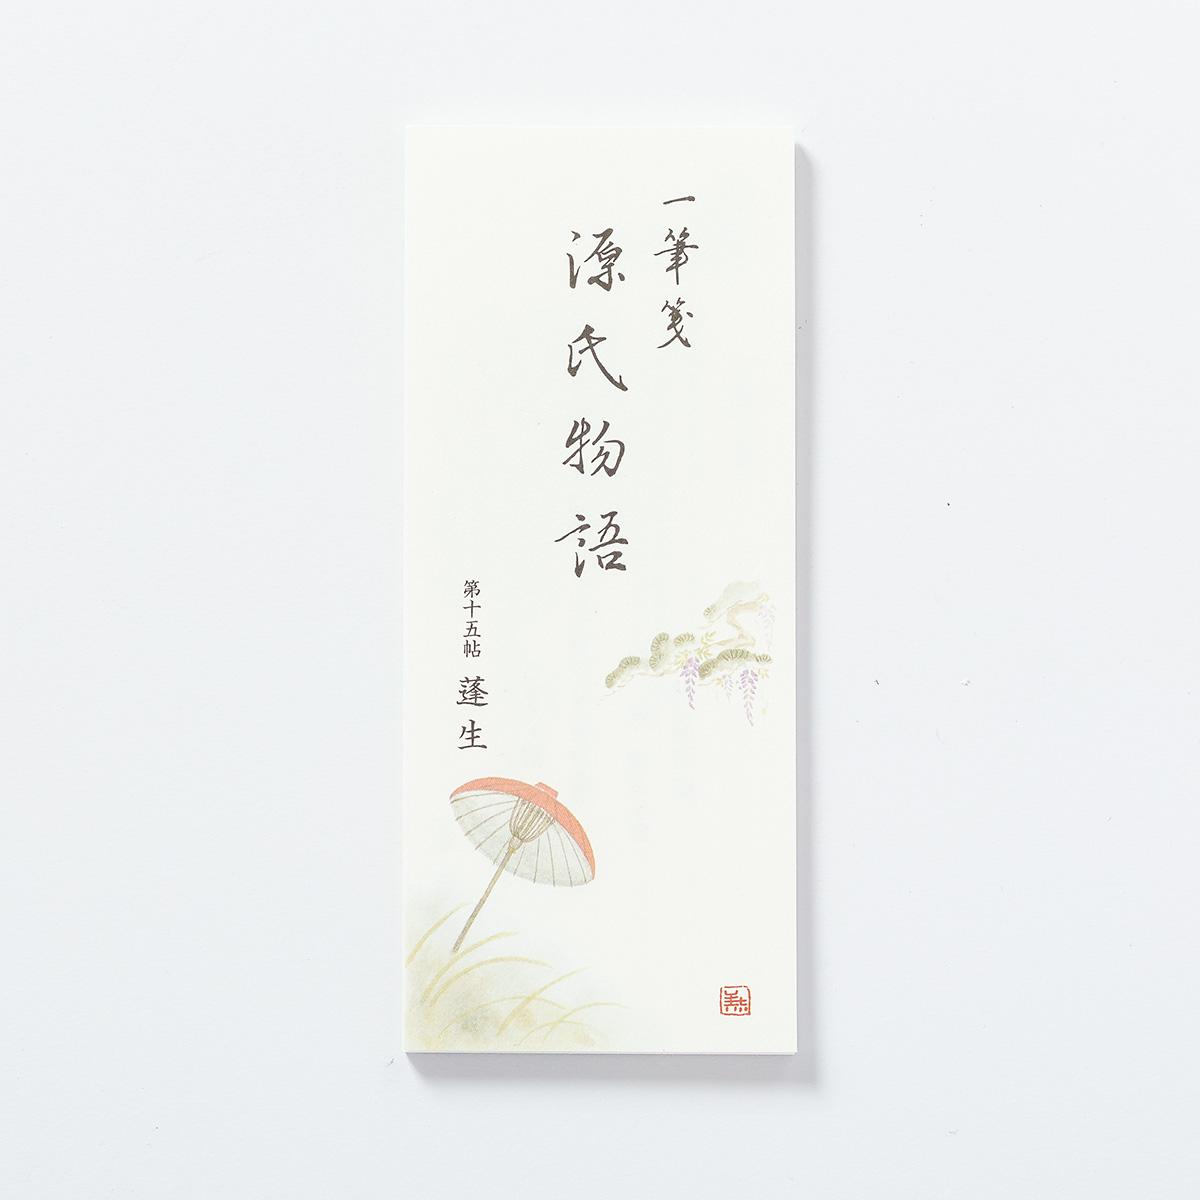 源氏物語一筆箋 第15帖「蓬生」